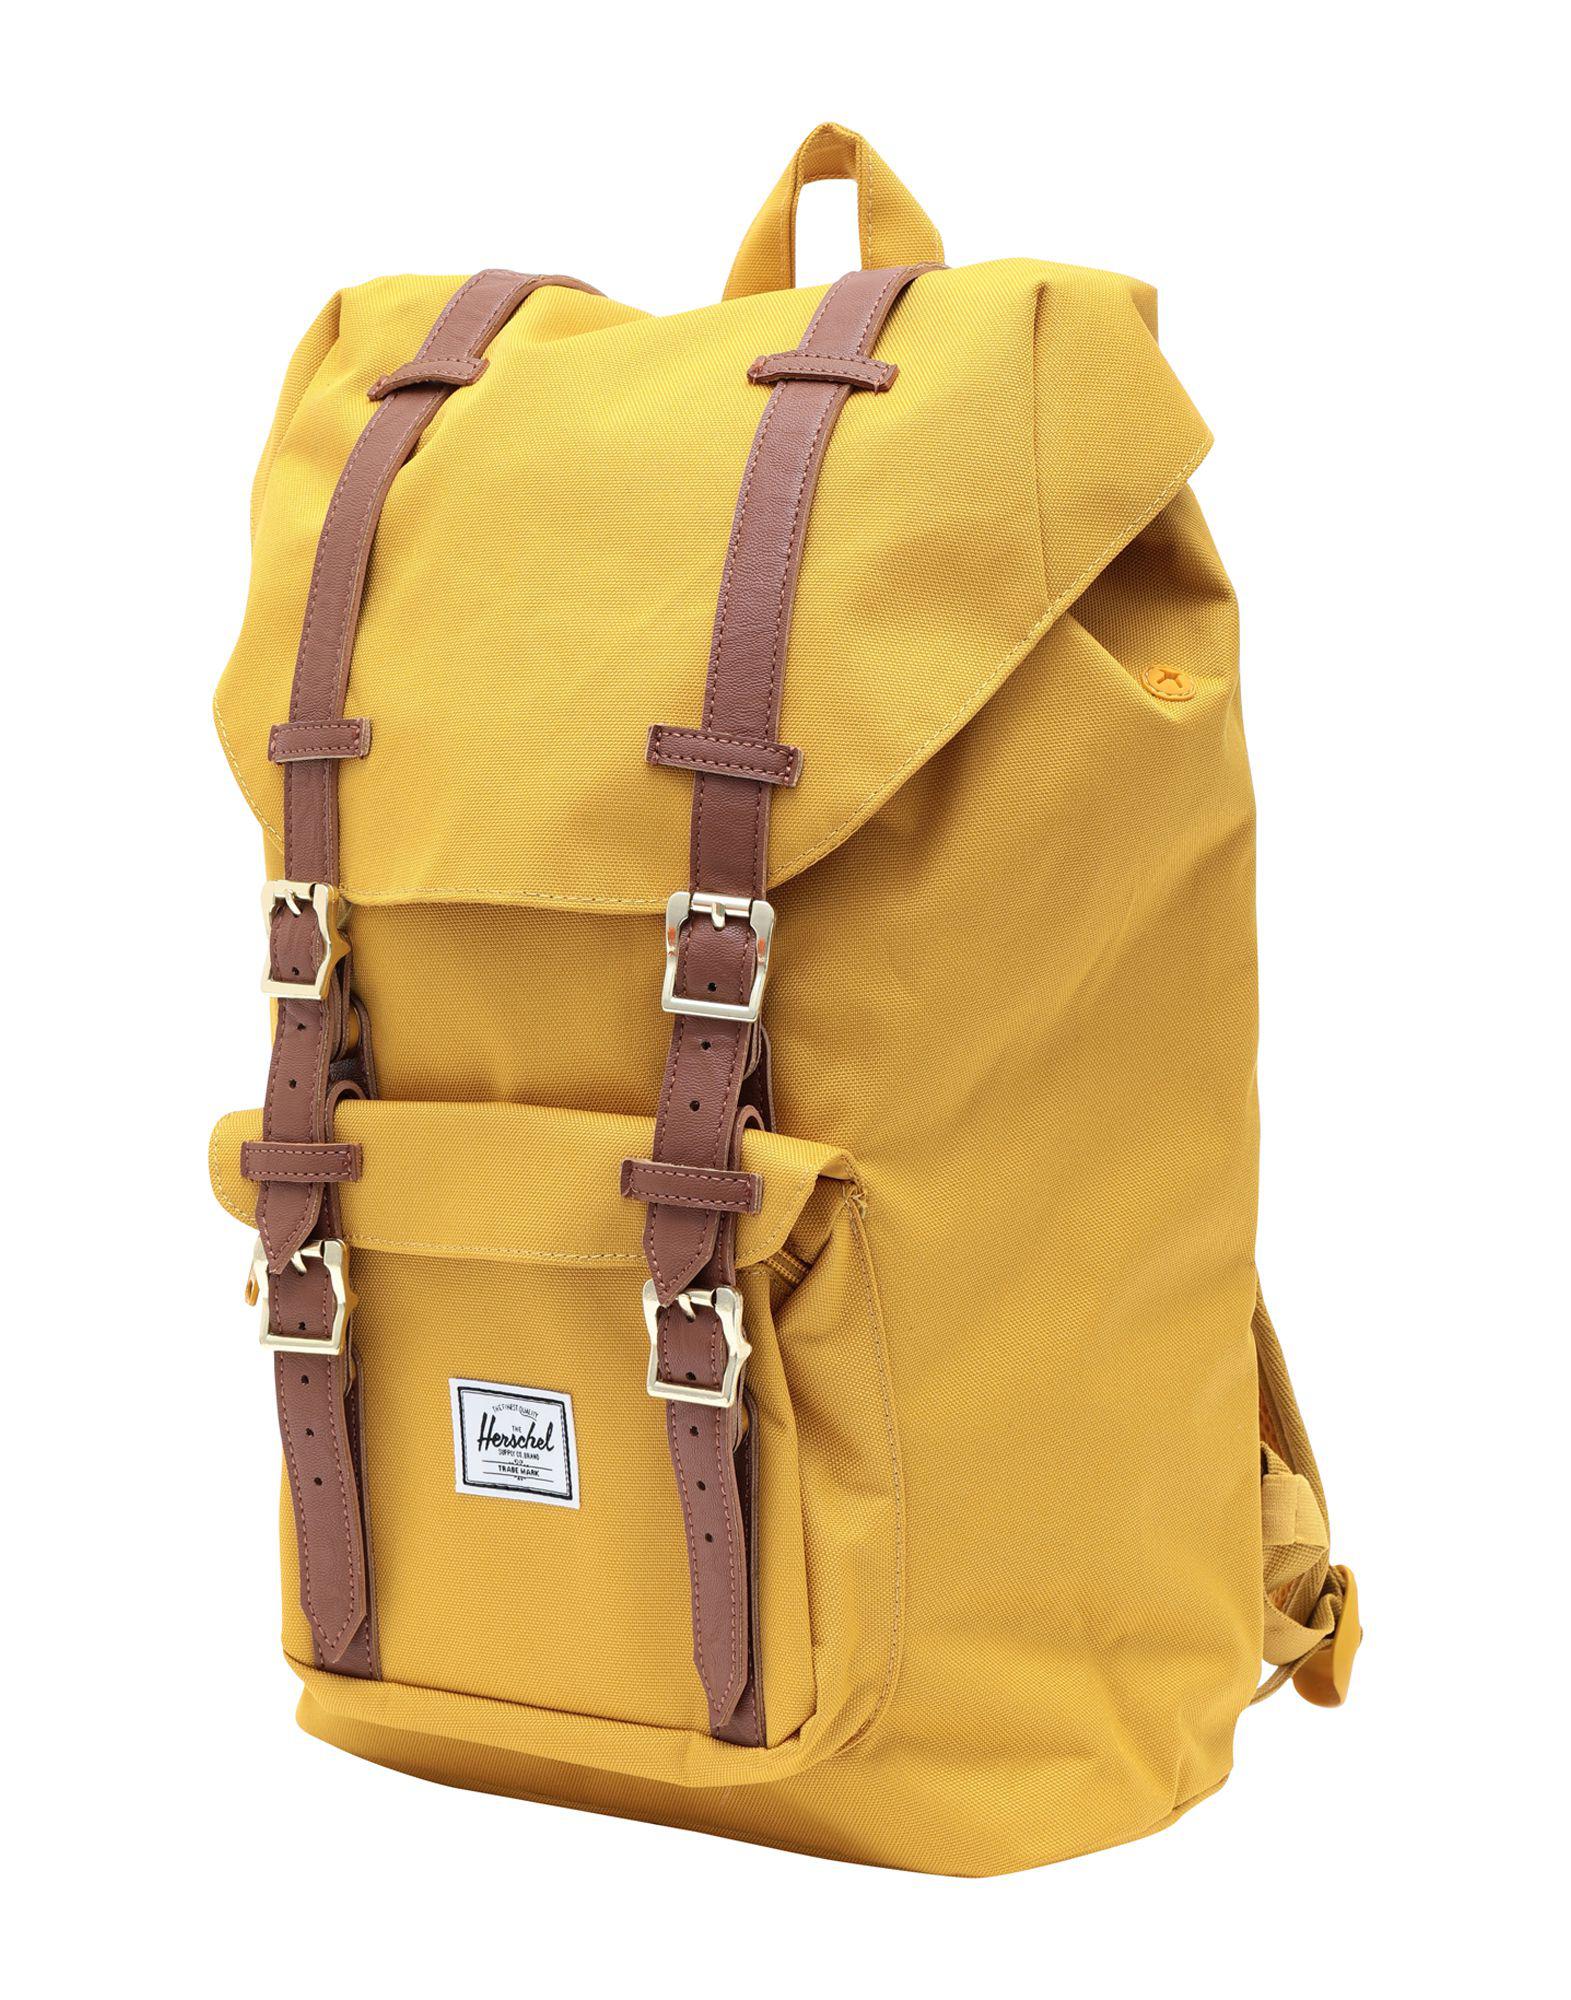 40fb28e4055 Herschel Supply Co. Backpacks   Fanny Packs In Ocher